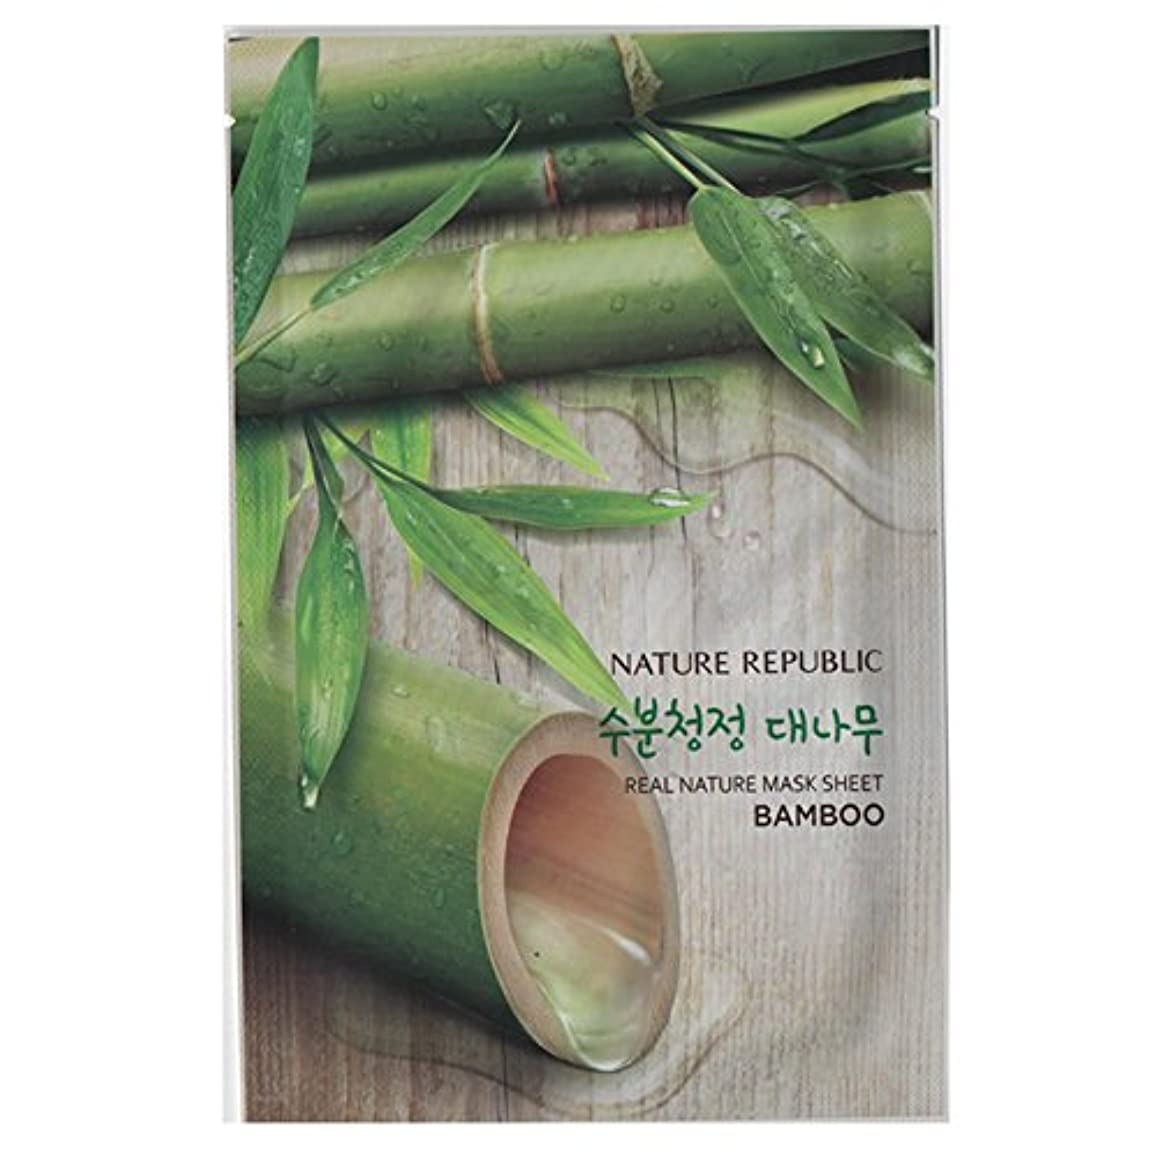 コンテスト米ドル大人[NATURE REPUBLIC] リアルネイチャー マスクシート Real Nature Mask Sheet (Bamboo (竹) 10個) [並行輸入品]